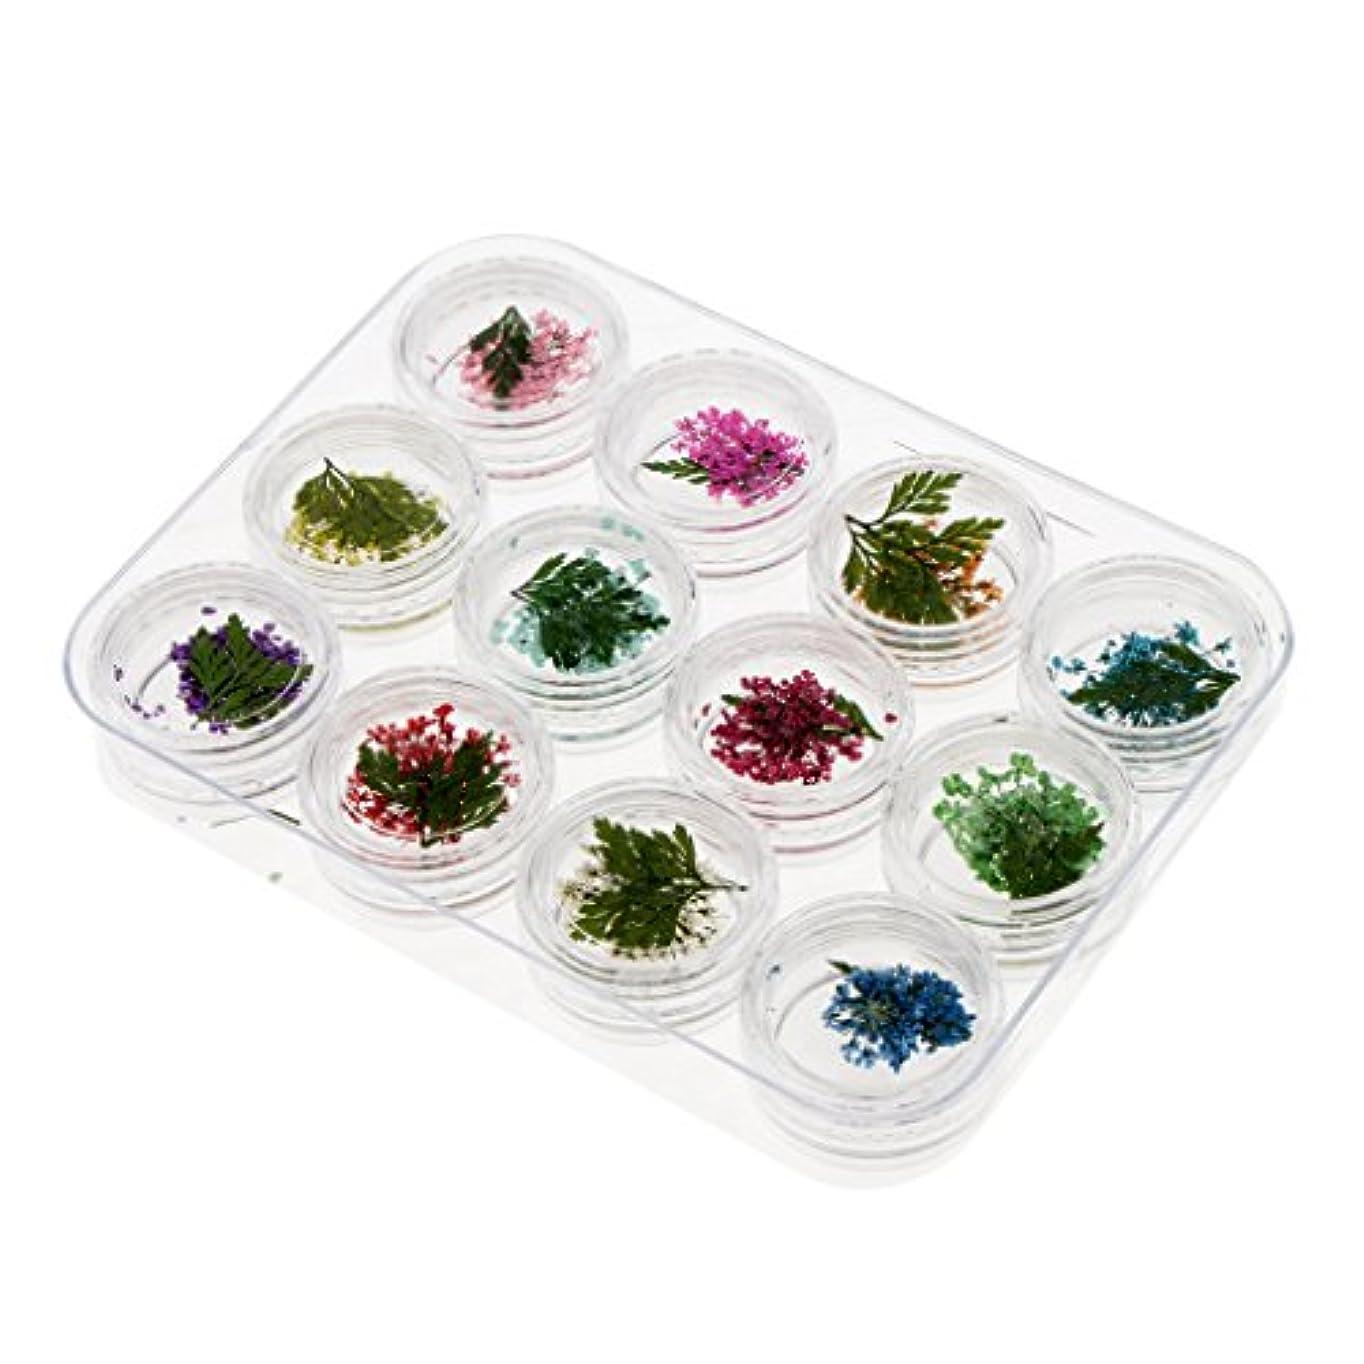 鳴らす定常かどうかPerfeclan 押し花 ドライフラワー ネイルアート ネイル用装飾 3Dネイル 全4種 - #3